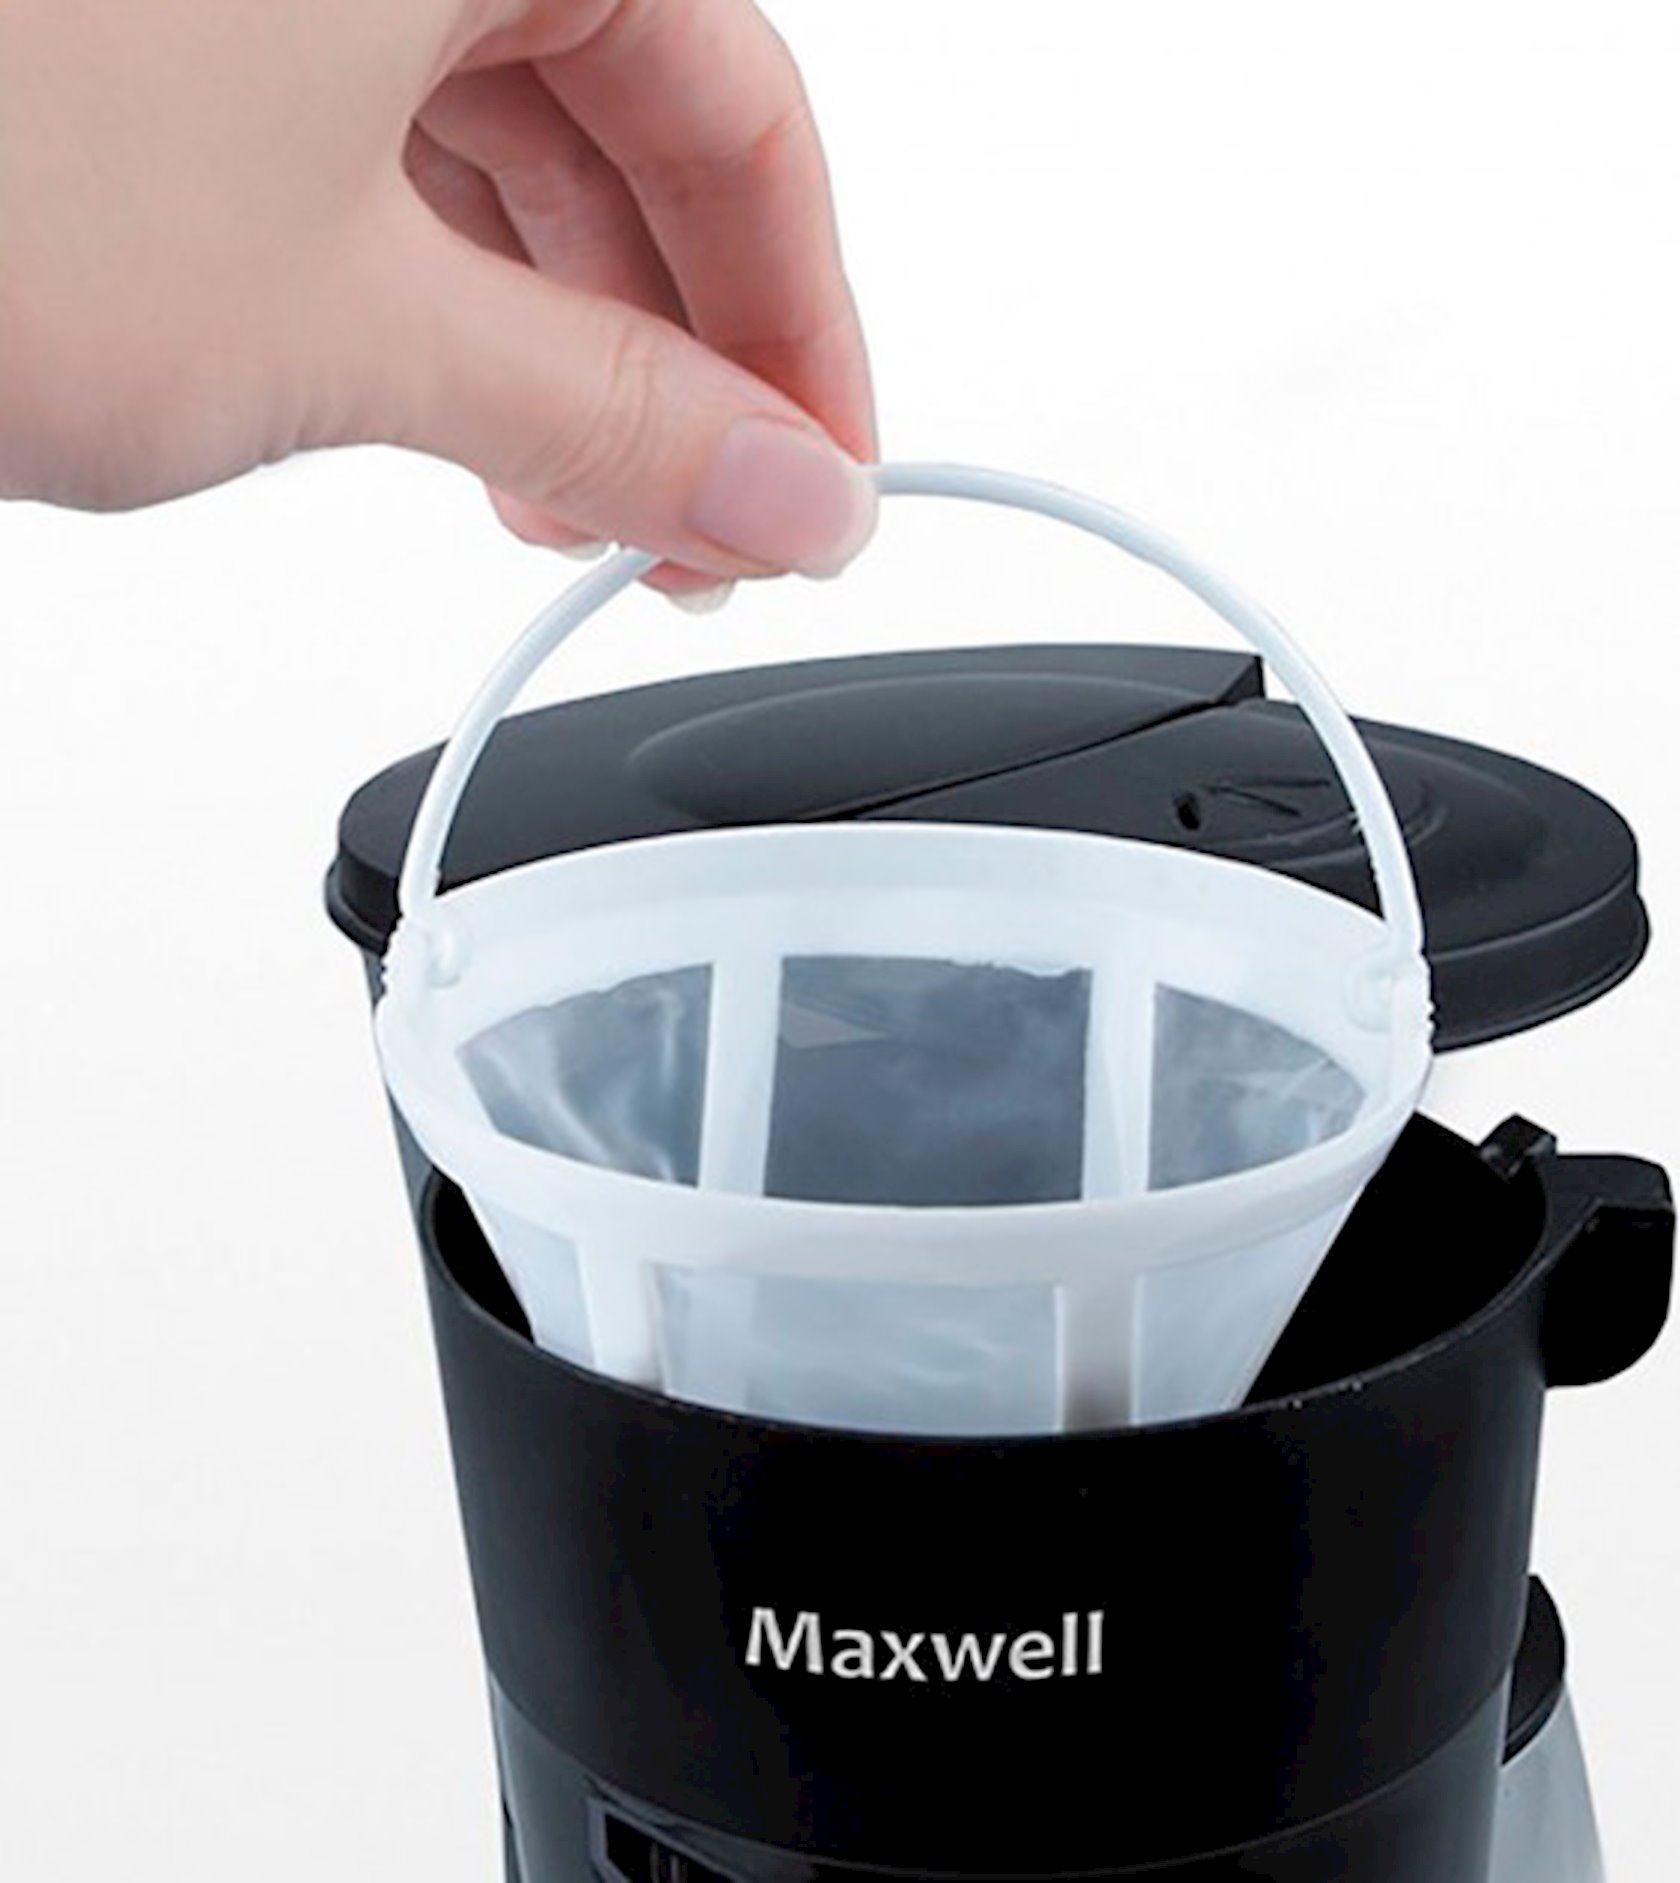 Qəhvədəmləyən Maxwell MW-1650 Black